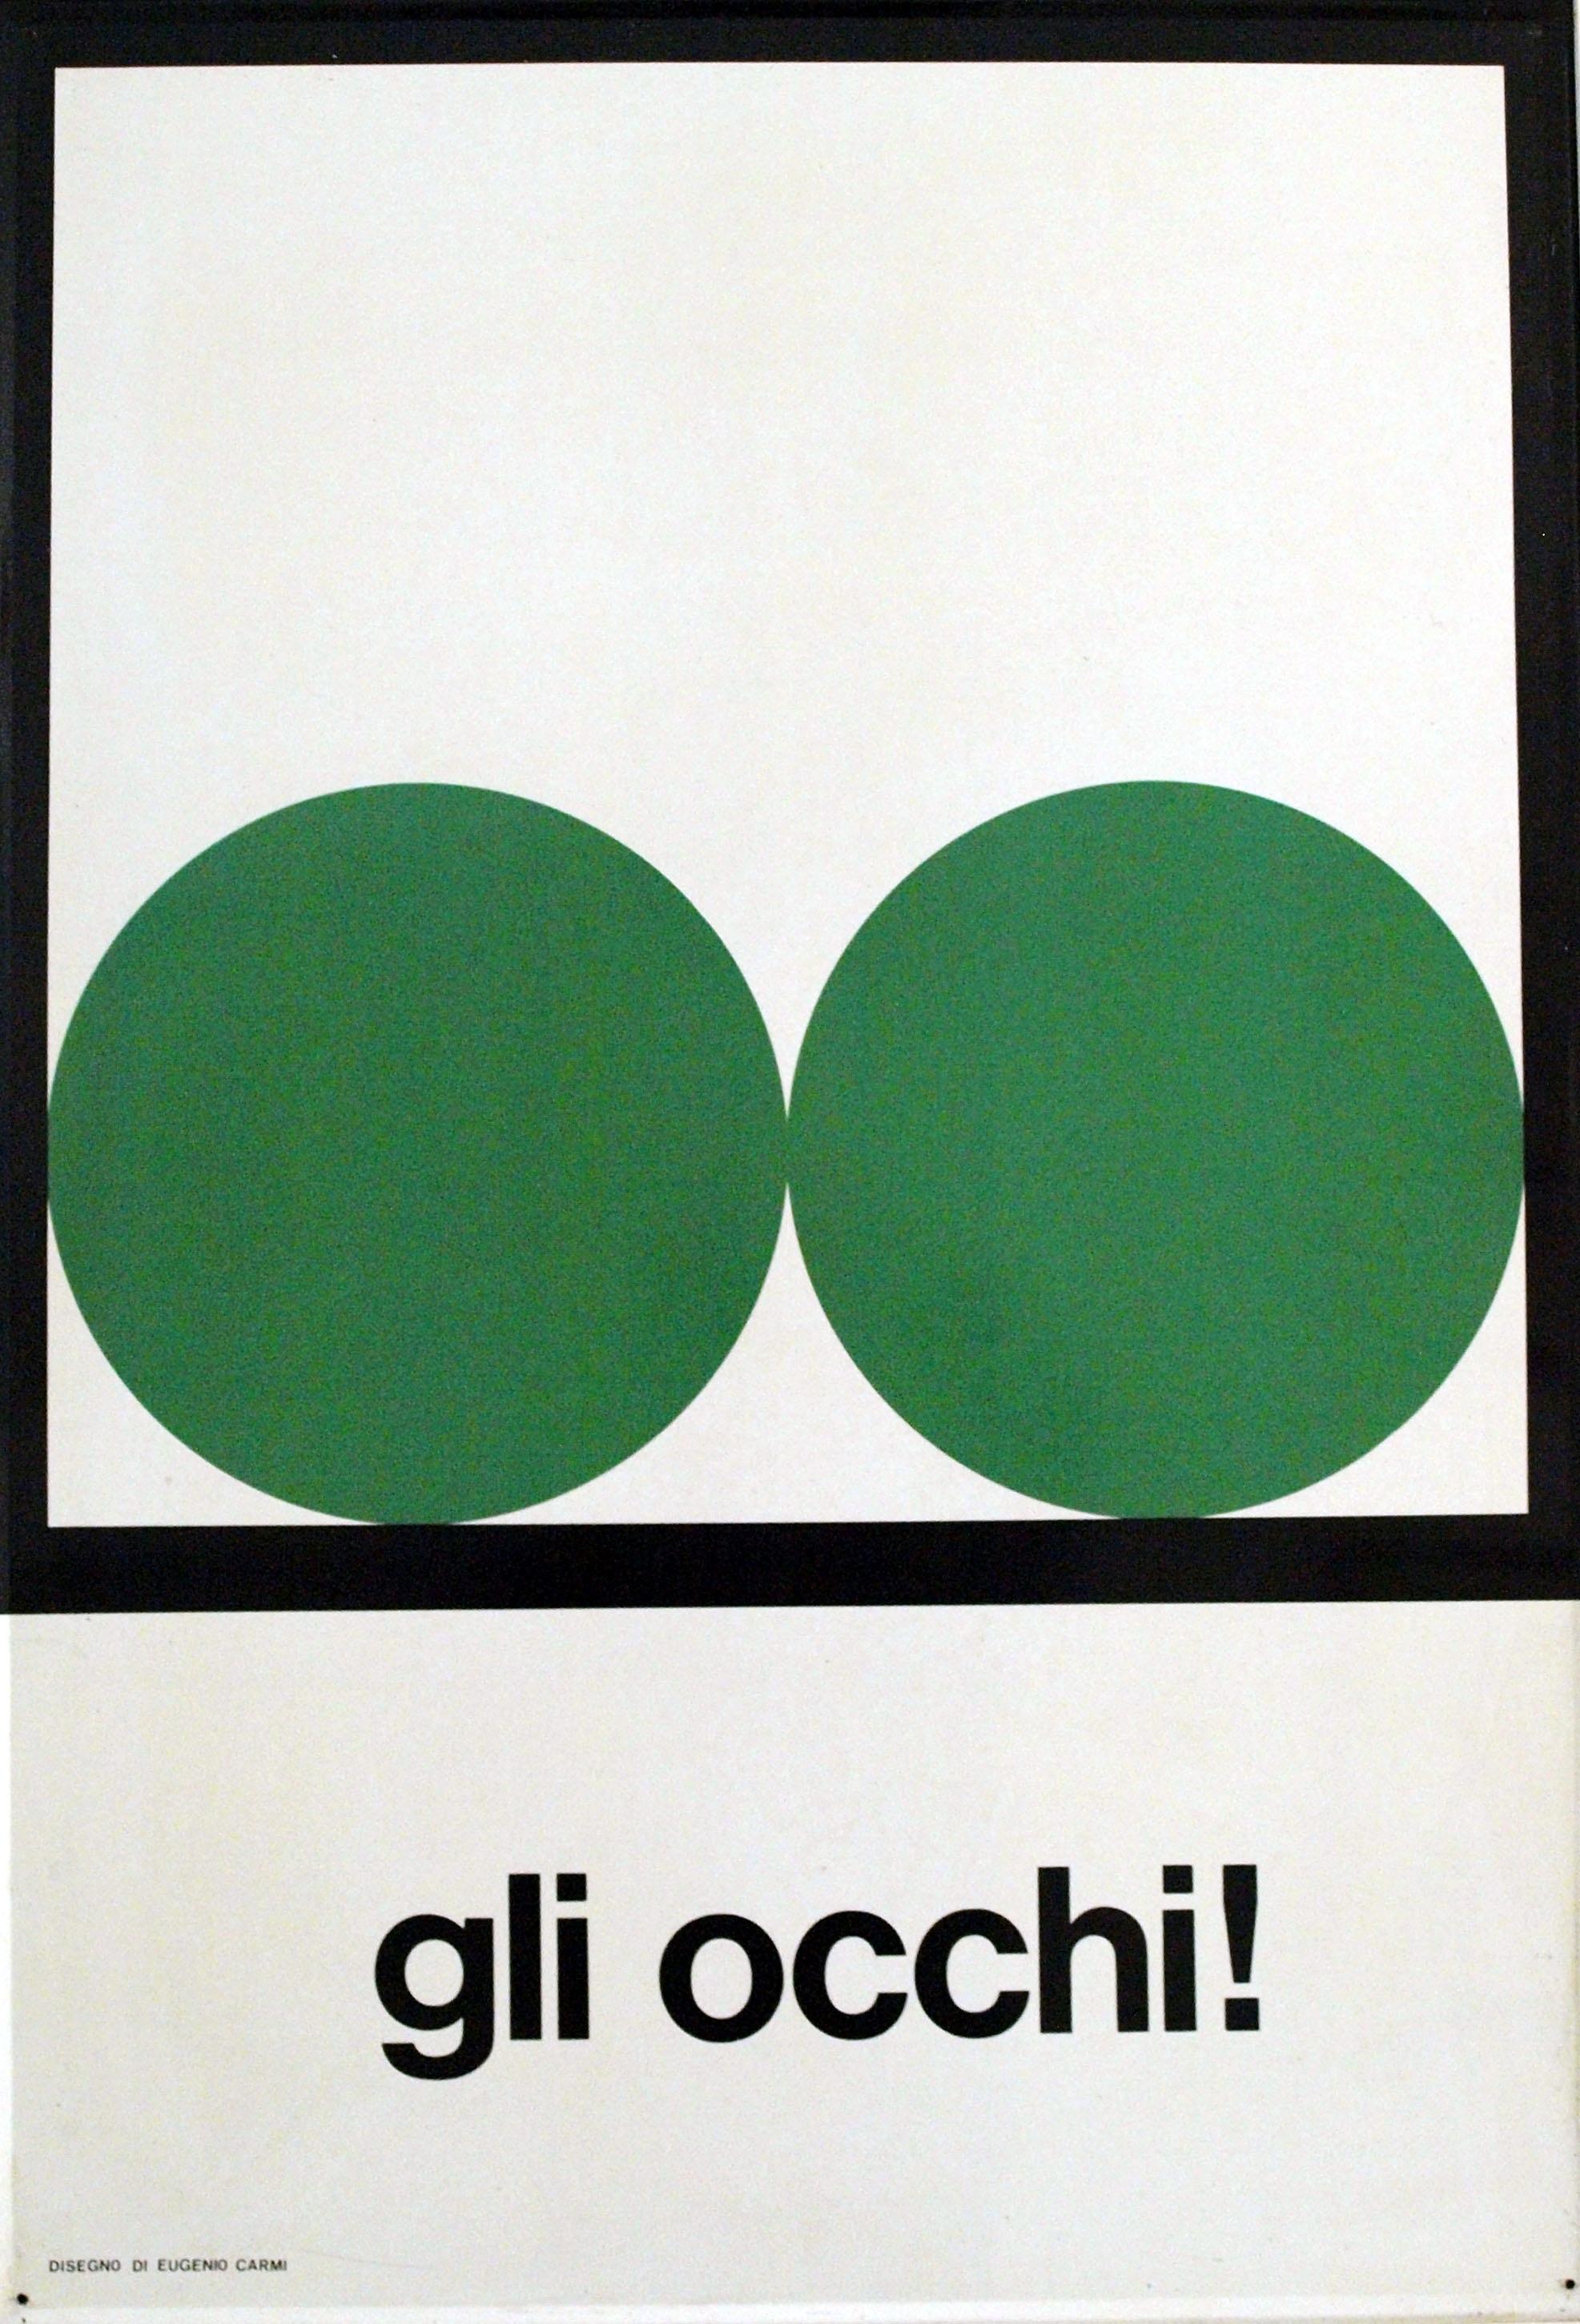 Cartello infortunistico Gli occhi!, Eugenio Carmi, Italsider, 1965. (Fondazione Ansaldo, Genova)